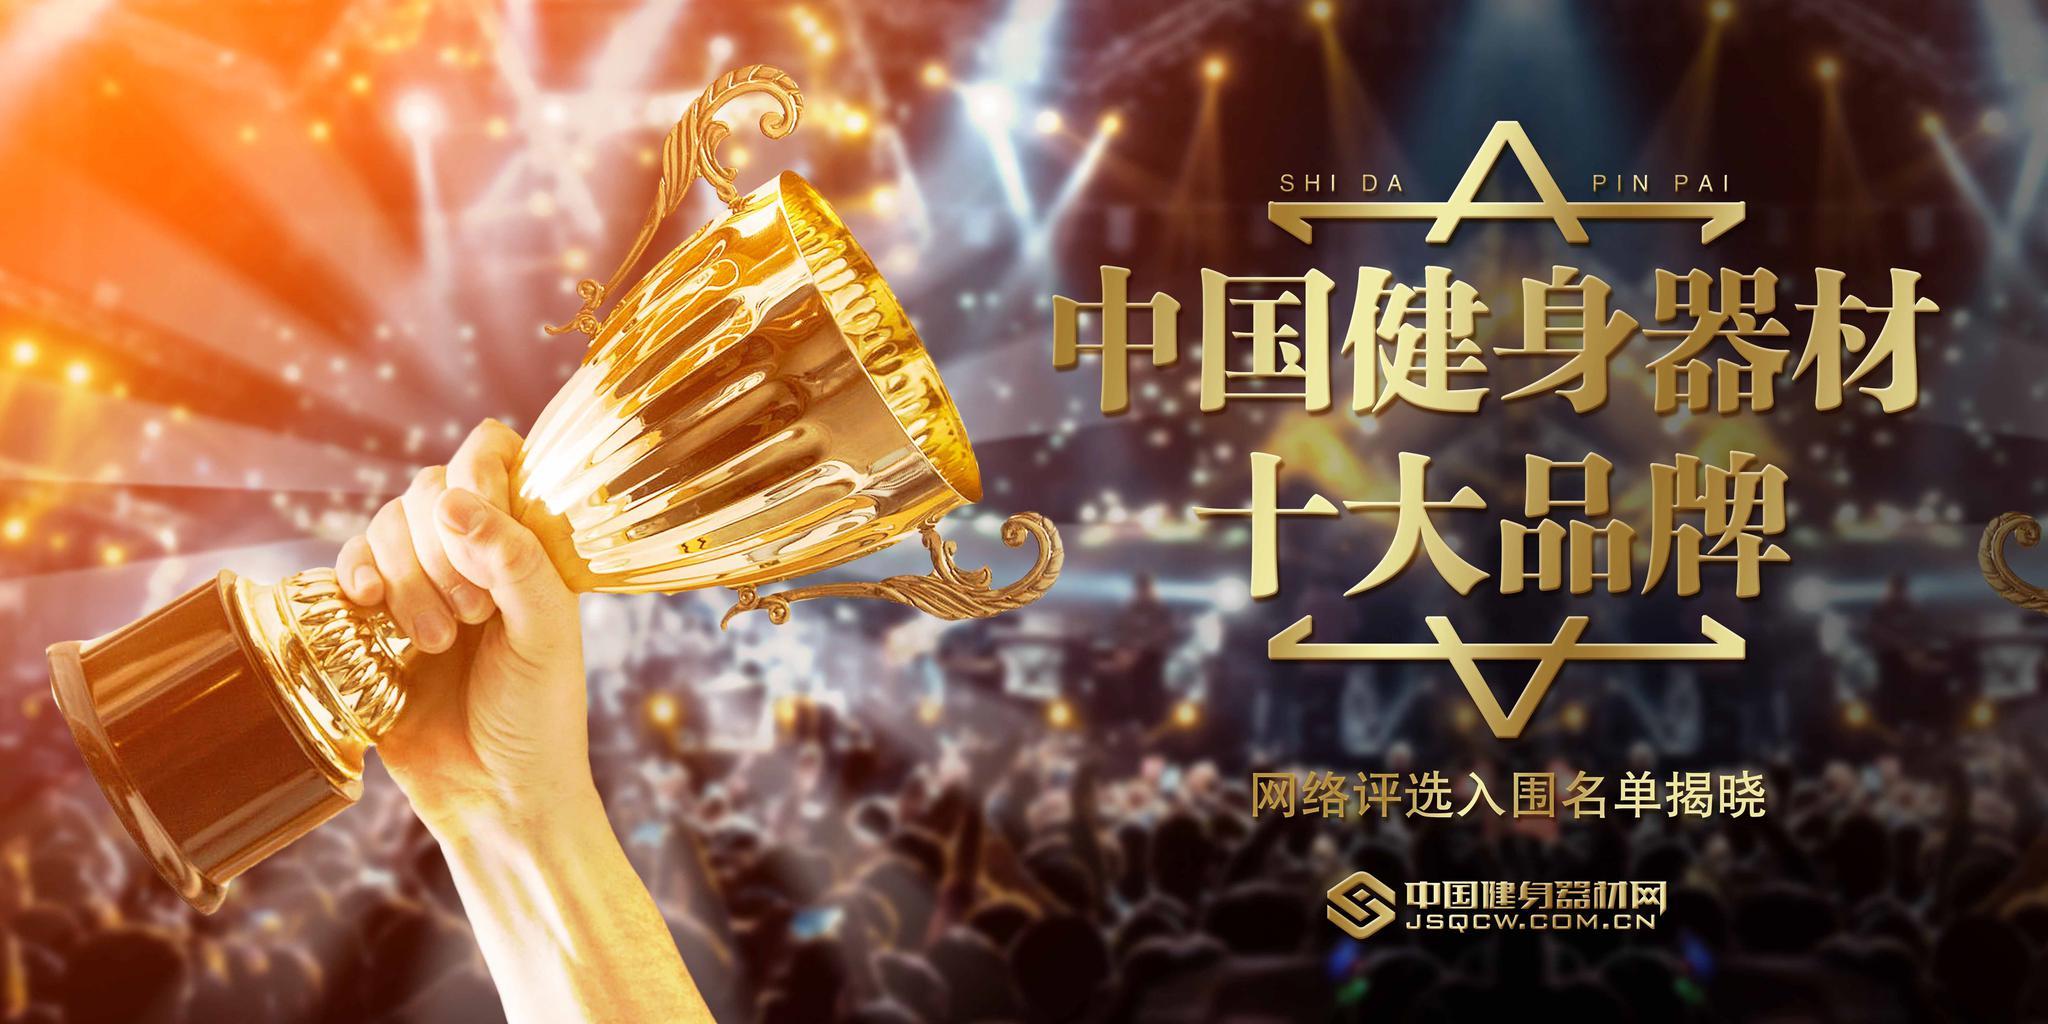 静候佳音|2018中国健身器材网十大品牌网络评选进入专家终审阶段